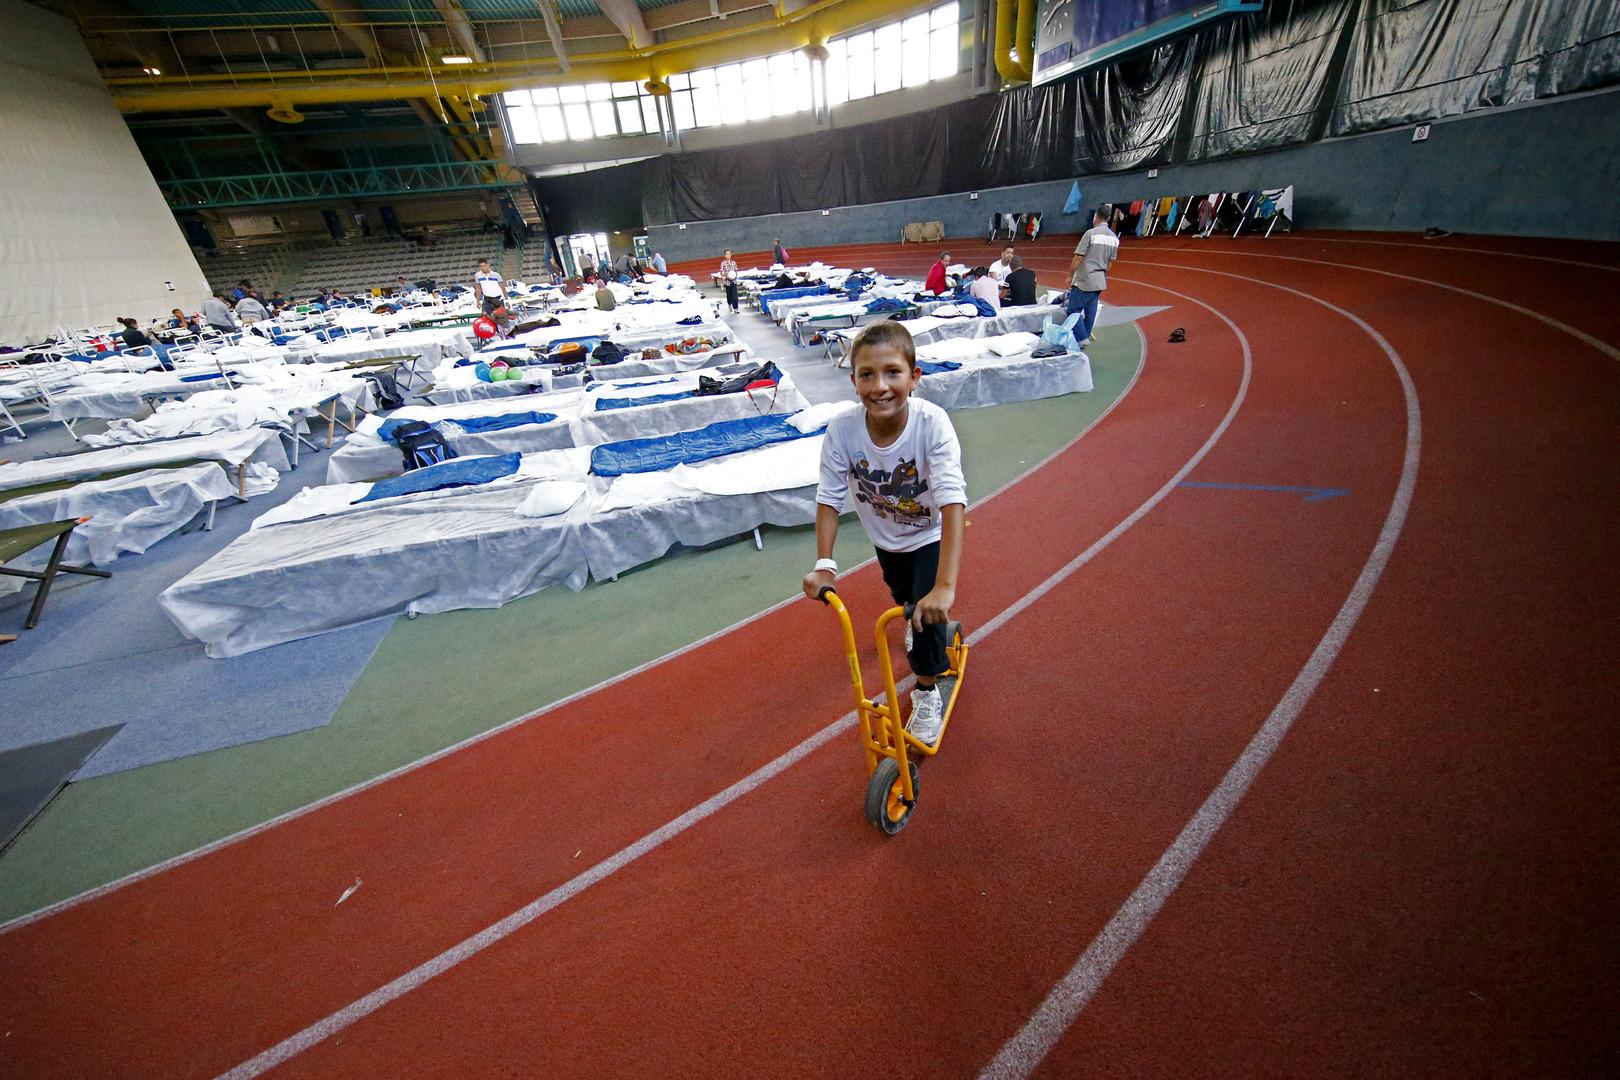 ملجأ مؤقت في صالة رياضية في هاناو، ألمانيا